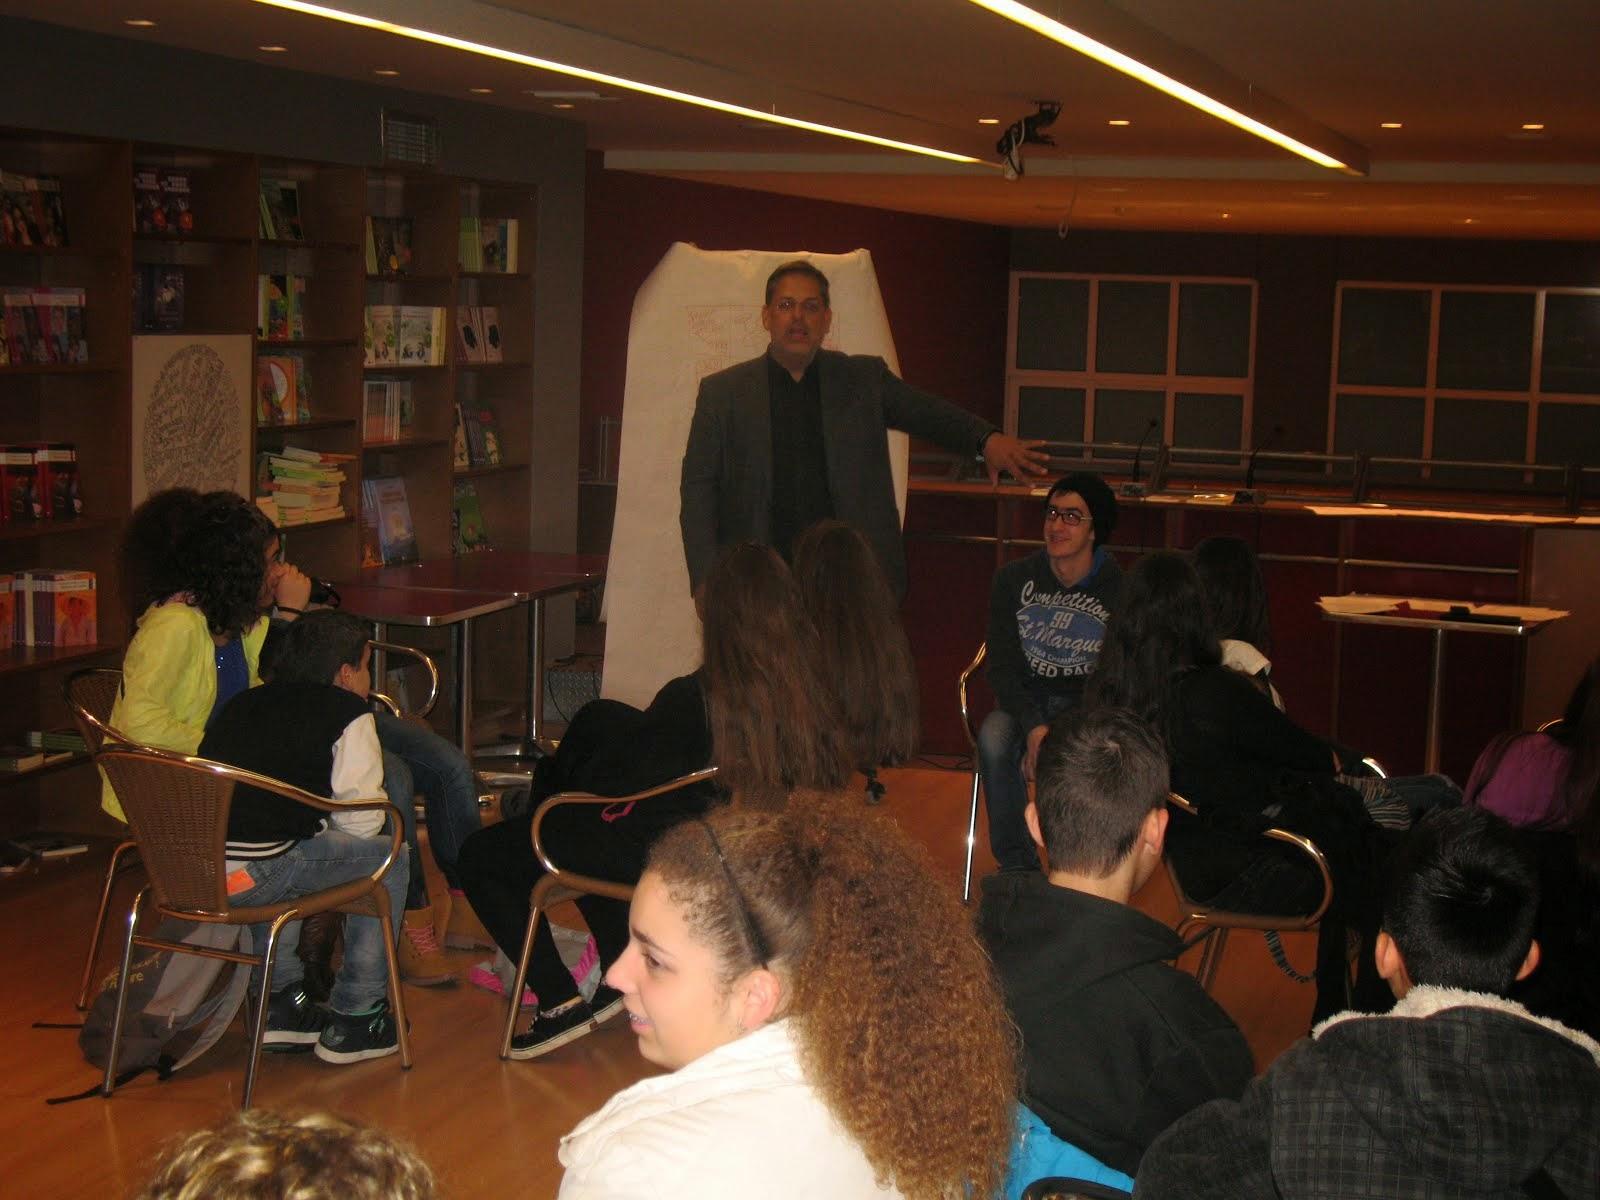 Ο συγγραφέας Βαγγέλης Ηλιόπουλος μας παρουσίασε πώς να φτιάχνουμε story boards